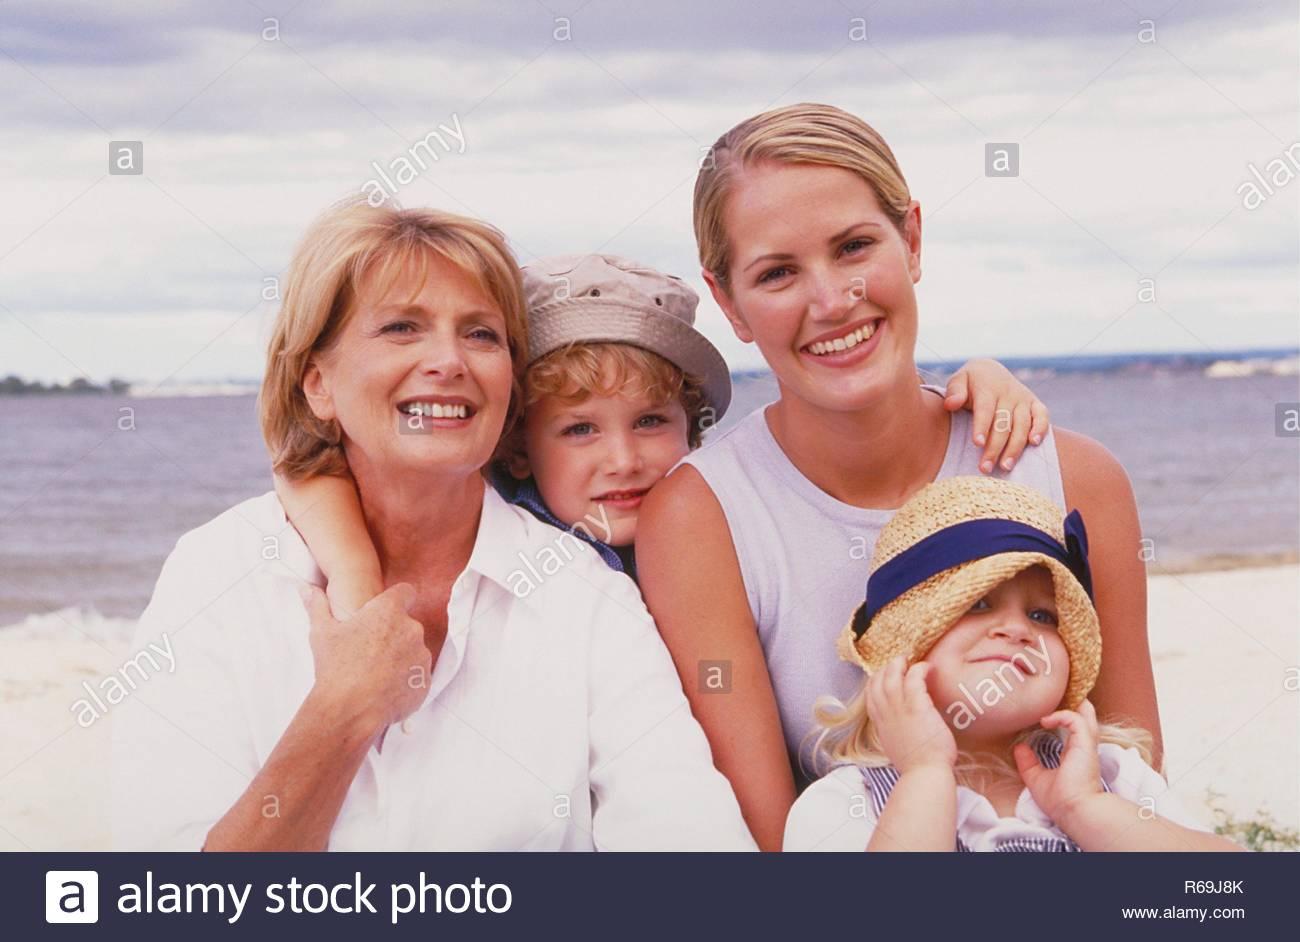 Strand, Portrait, Gruppenbild, 3 Generationen, rotblonde Frau, 50 Jahre, blonde Tochter, 25 Jahre, zwei Kinder, blondes Maedchen, 4 Jahre, mit gestreiftem Kleid und Strohhut und rotblonder Junge, 5 Jahre, mit kariertem Hemd und Sonnenhut am Wasser - Stock Image